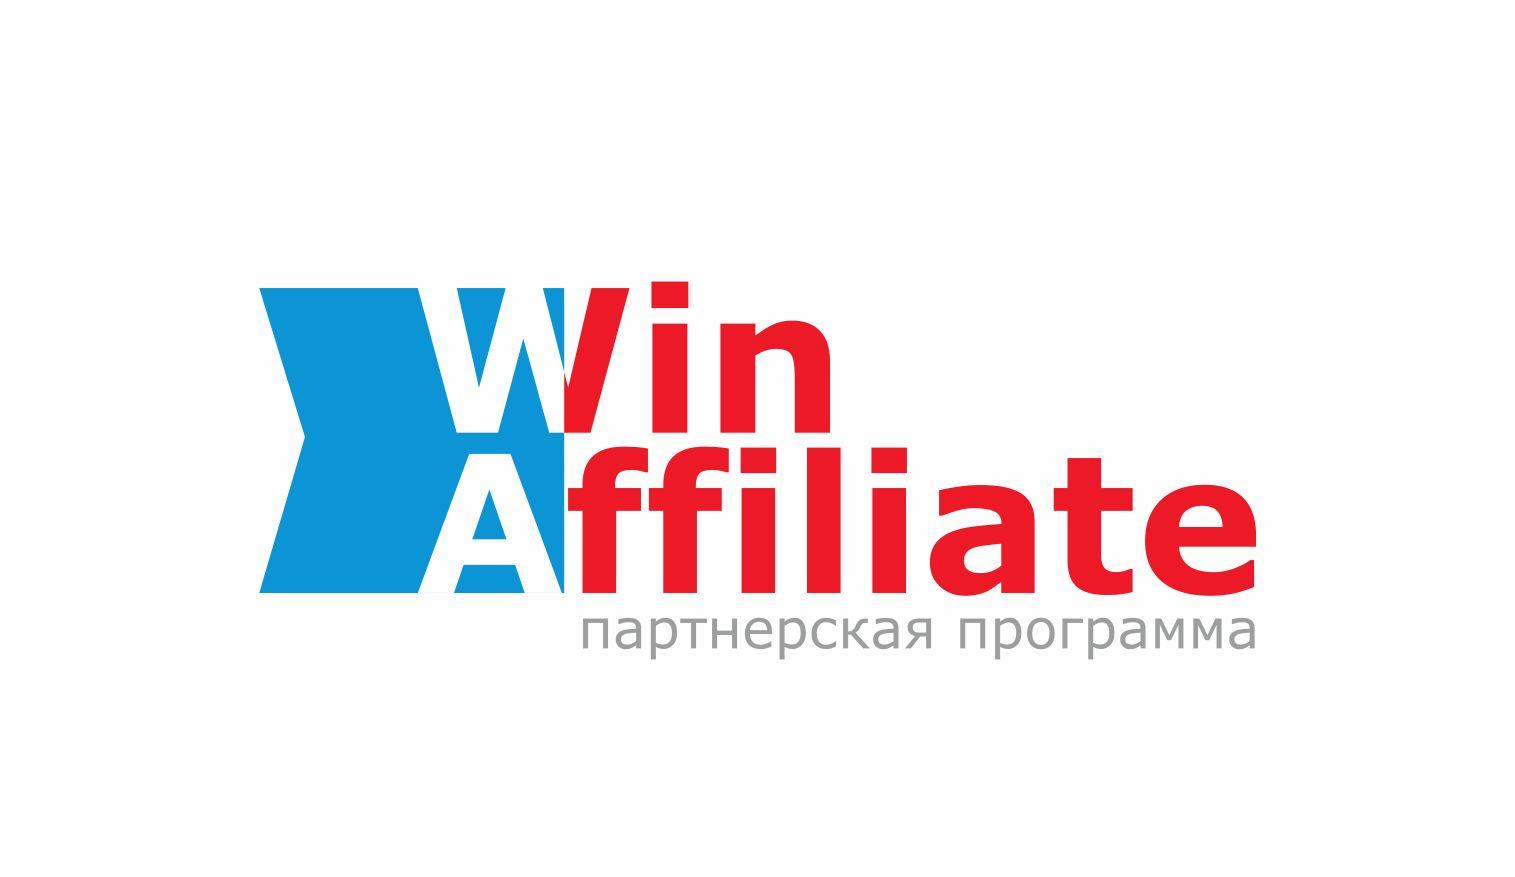 Логотип для сайта партнерской программы - дизайнер vap67